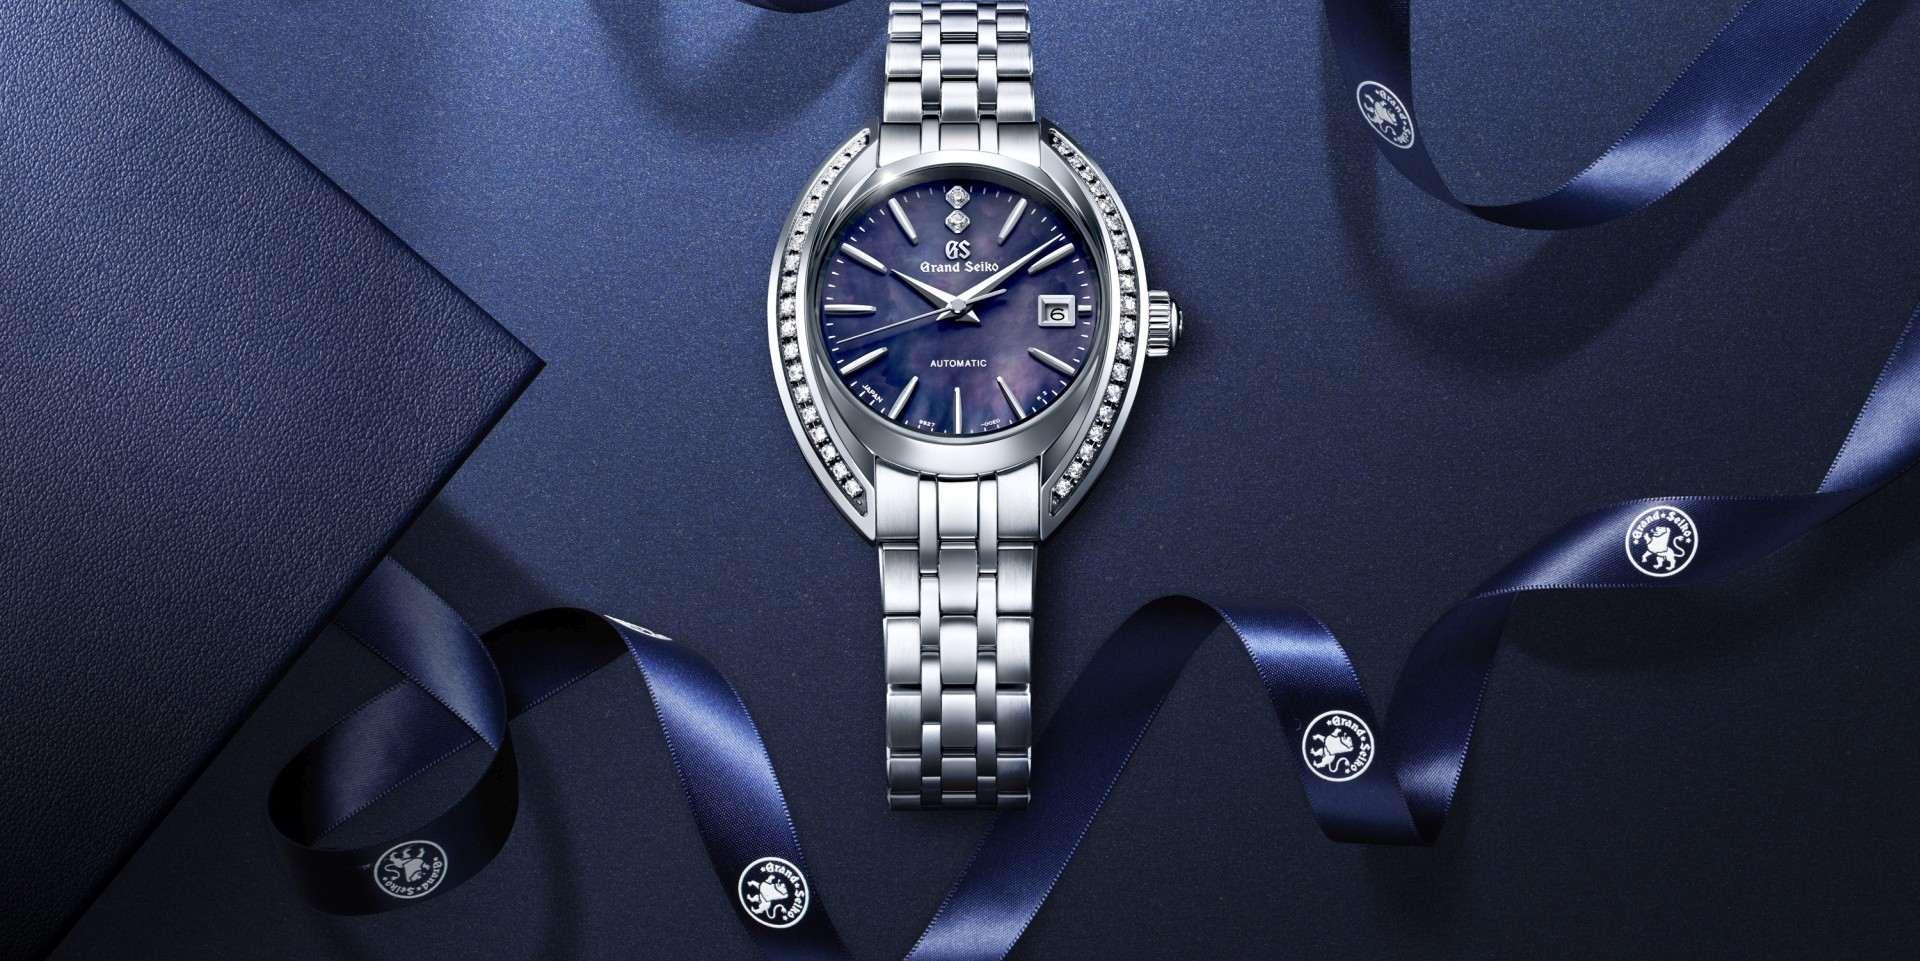 全新的優雅風貌: Grand Seiko Elegance Collection 秋冬新款女錶STGK011與STGK013